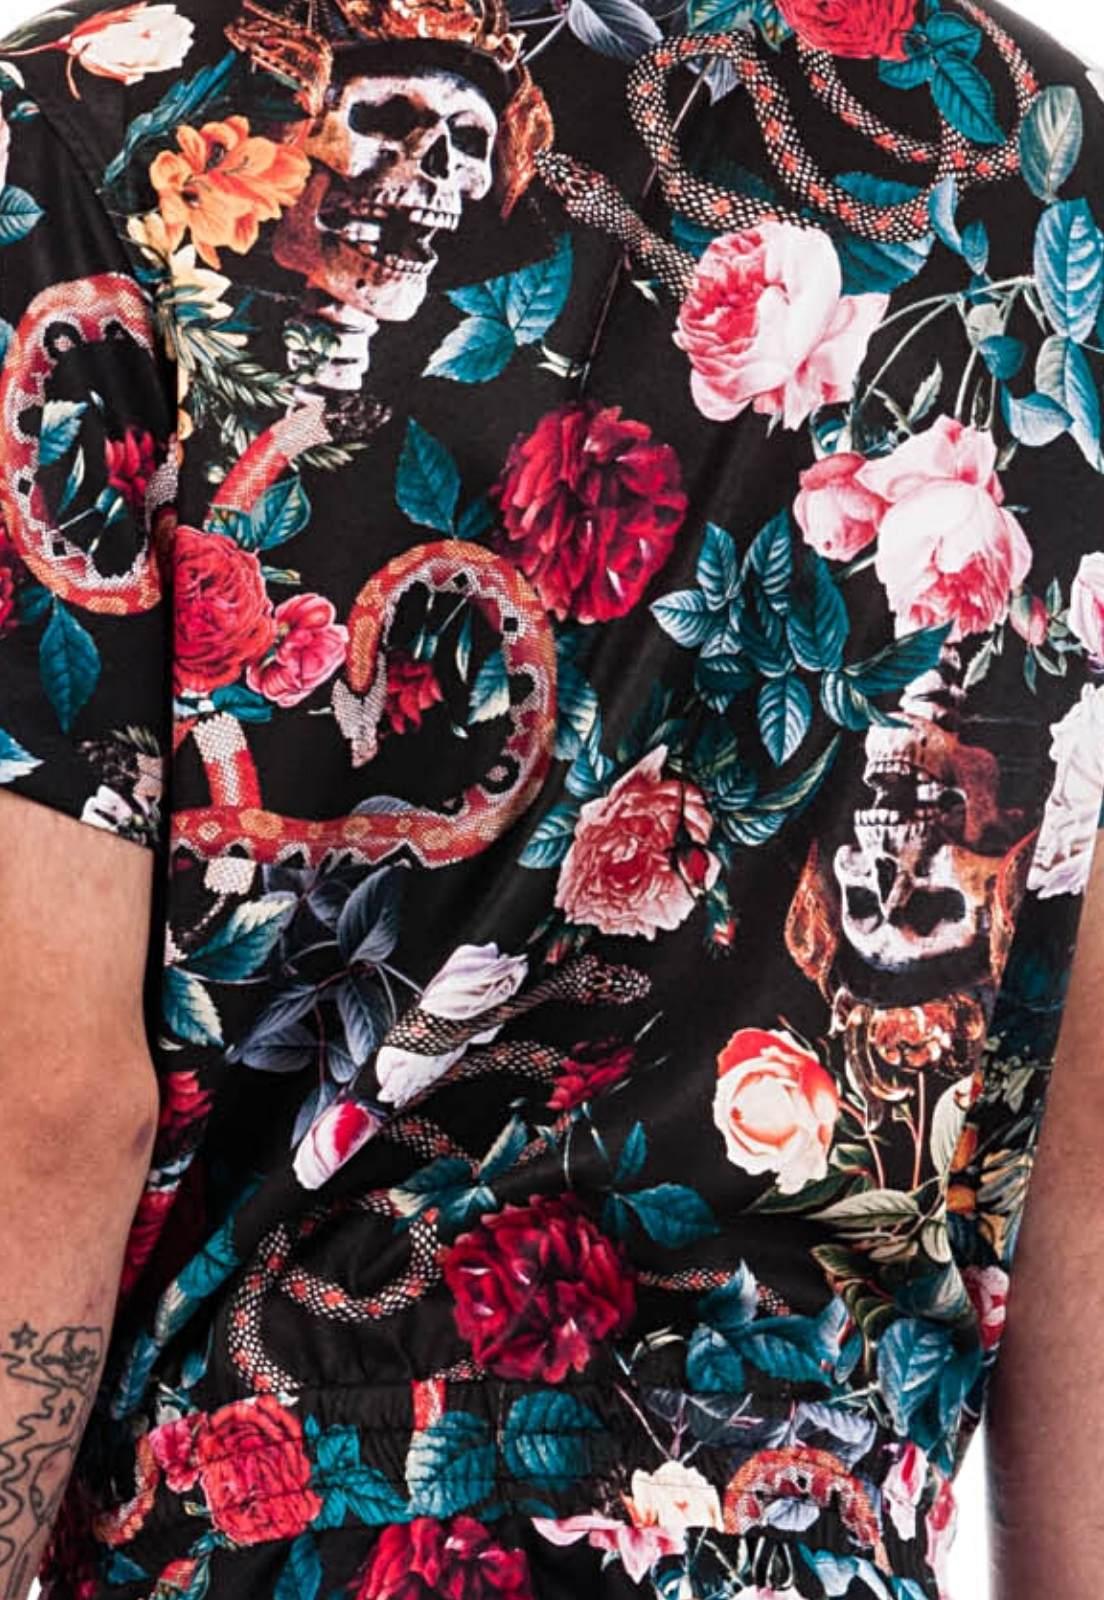 Macaquinho Floral Estampado Sem Gênero ElephunK Caveira Cobras Preto